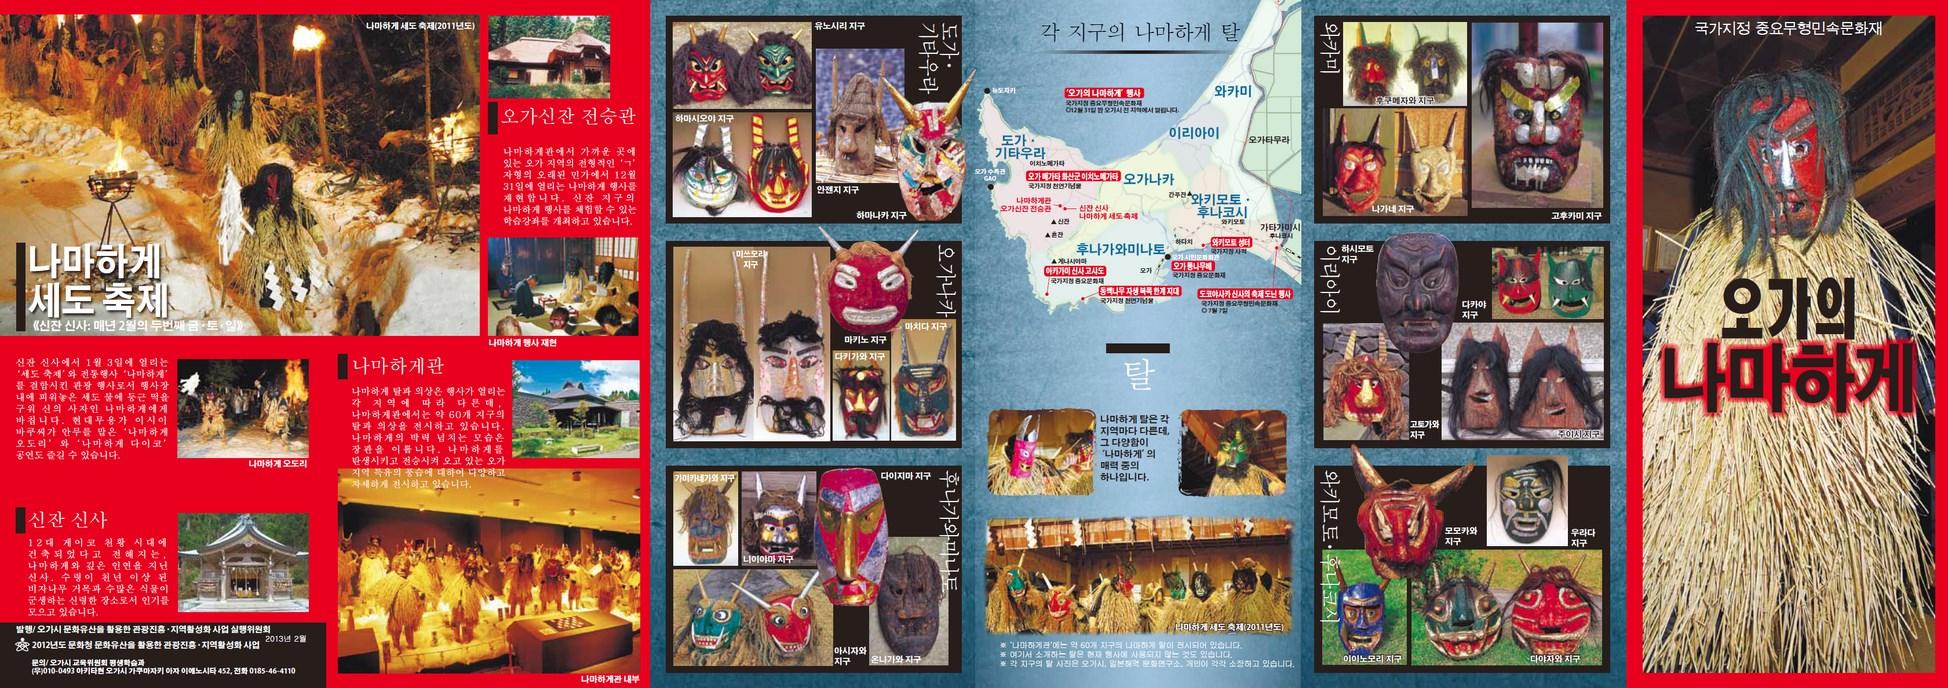 男鹿市 男鹿のナマハゲ パンフレット2012年 한국